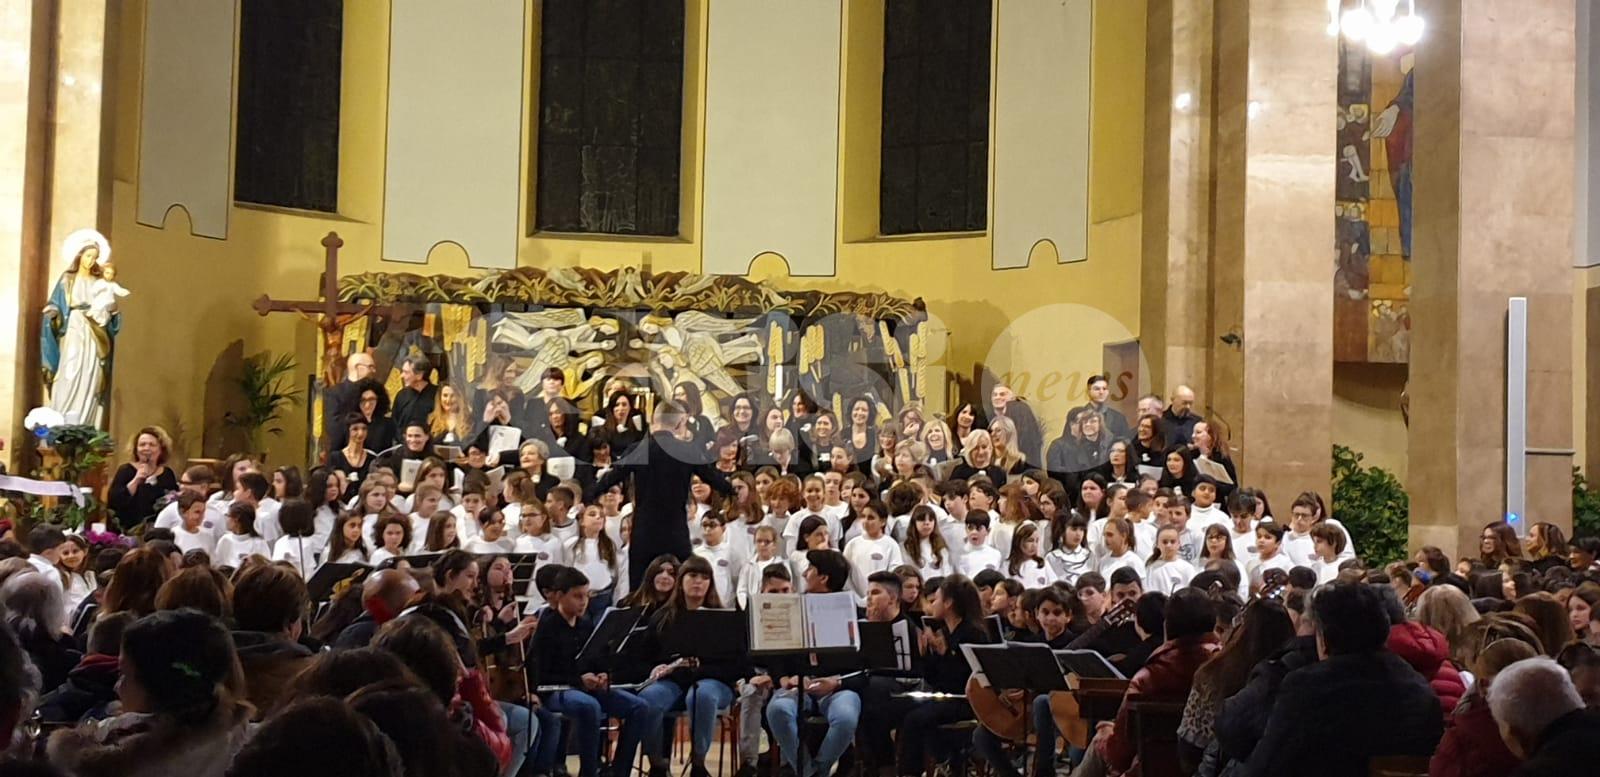 A Bastia il concerto di Natale 2019 all'Istituto Comprensivo Assisi 3 (foto)